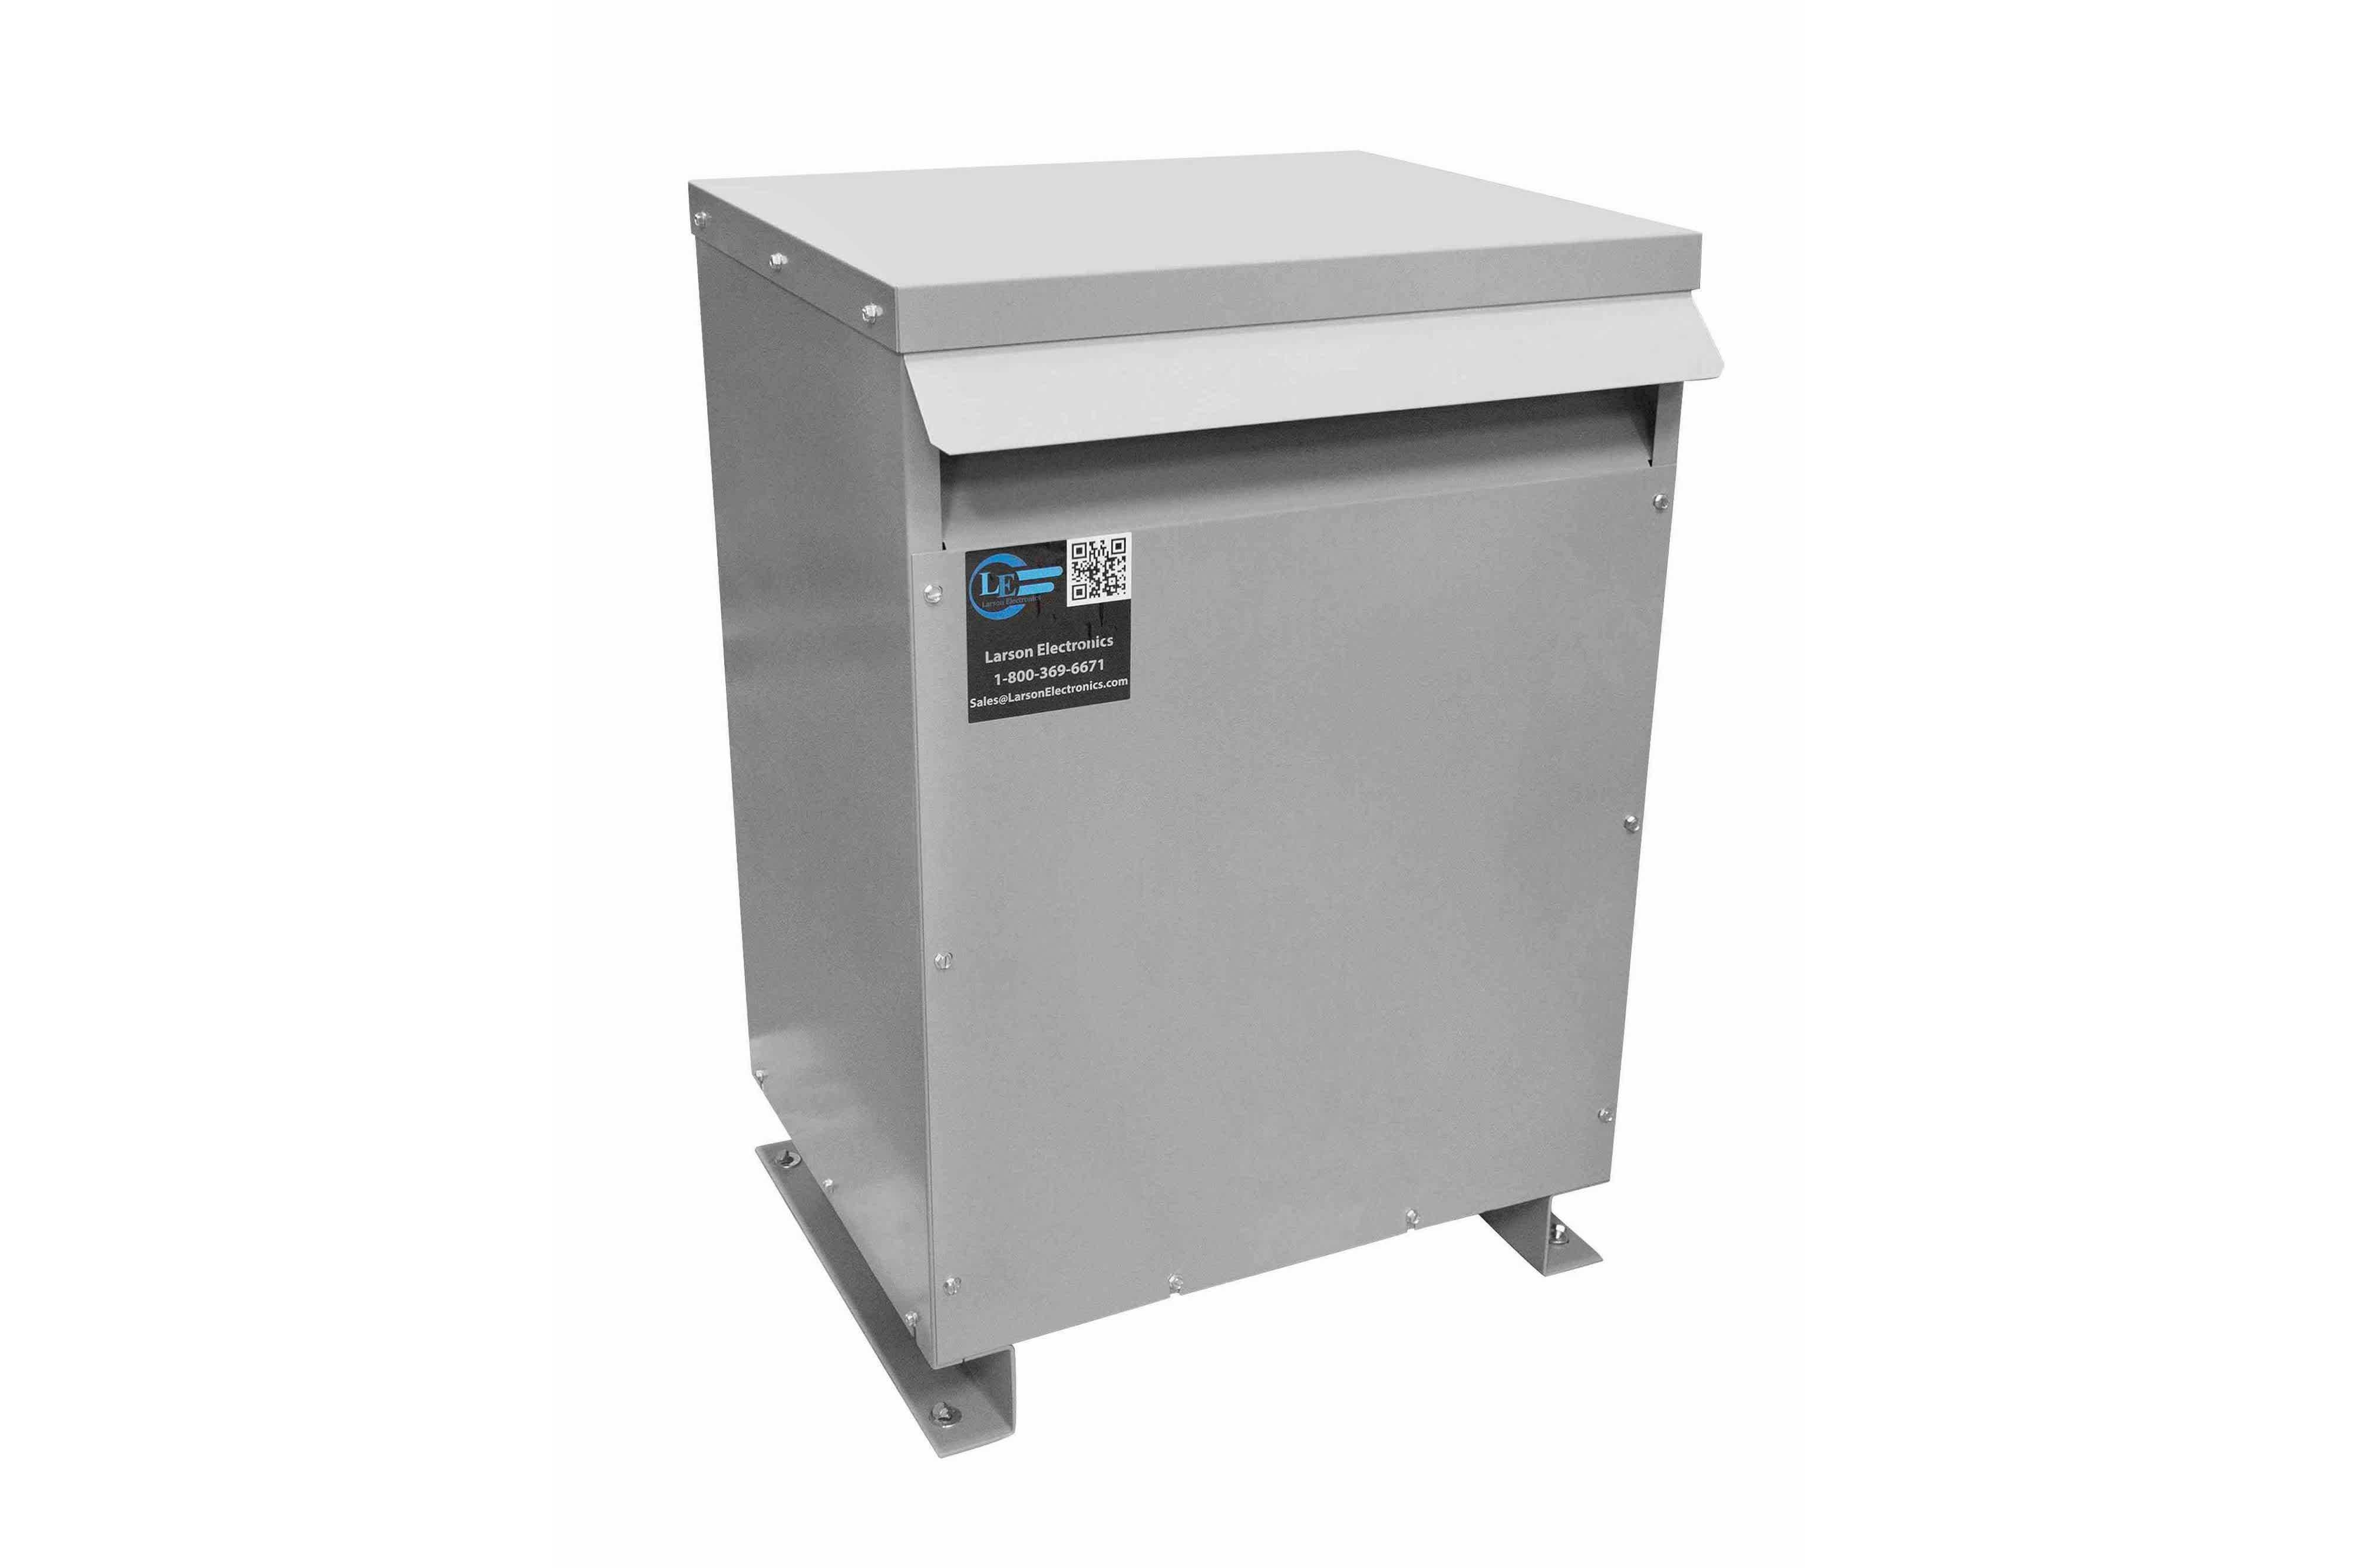 600 kVA 3PH Isolation Transformer, 380V Delta Primary, 208V Delta Secondary, N3R, Ventilated, 60 Hz